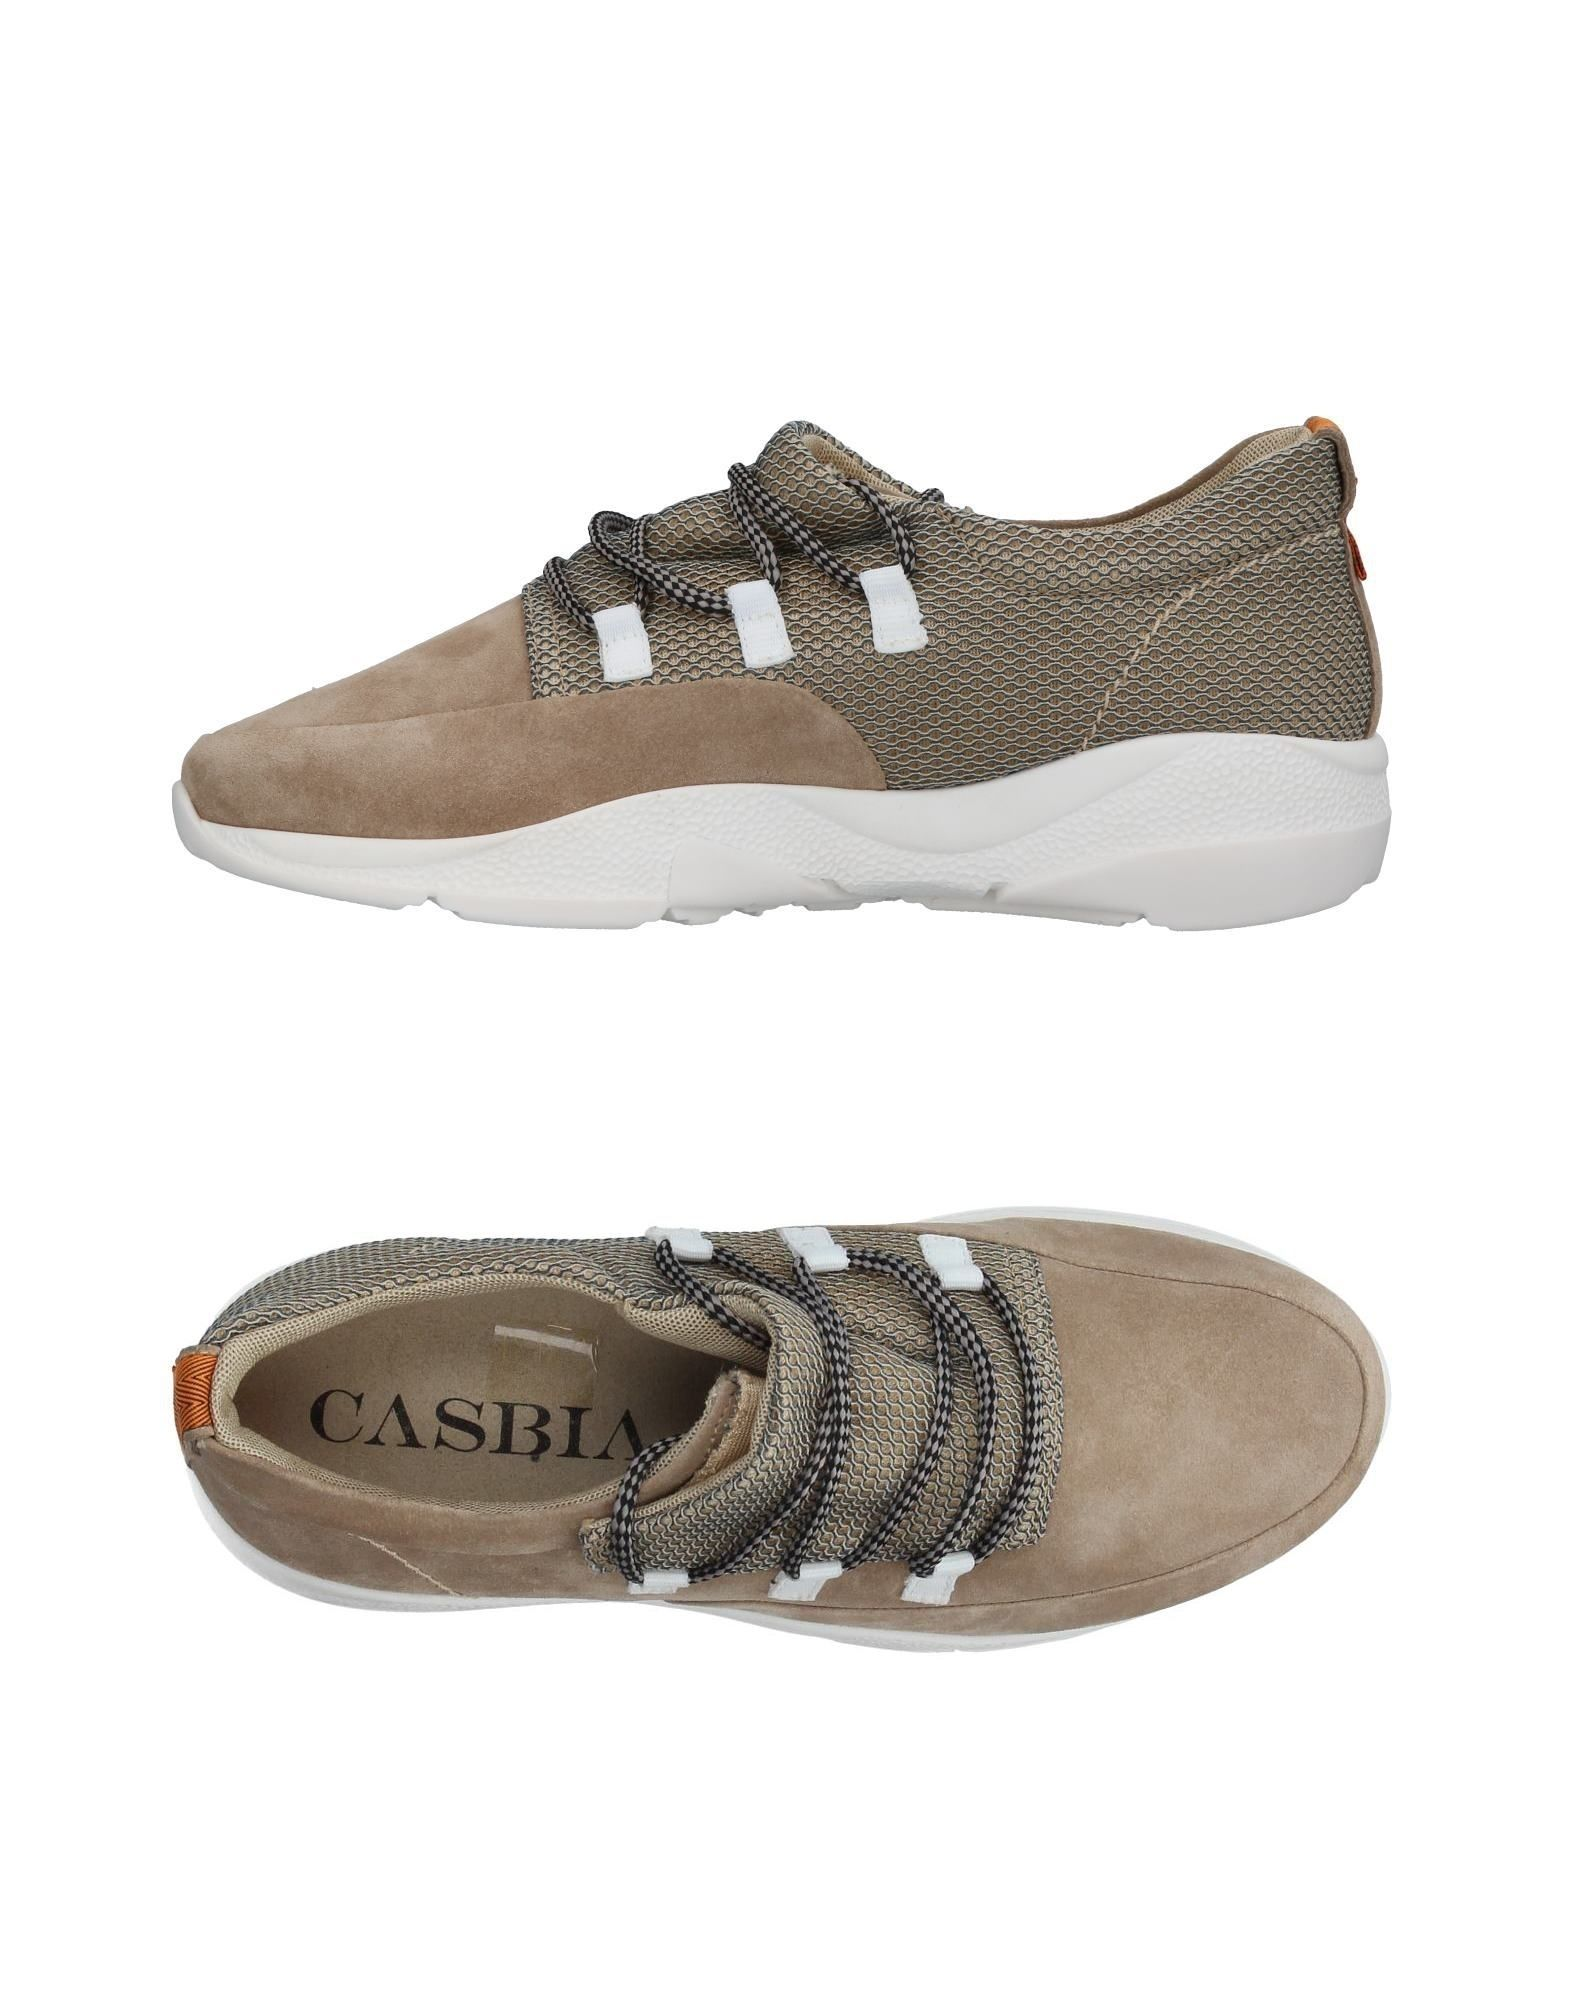 Casbia Sneakers Herren  11388405NU Heiße Schuhe